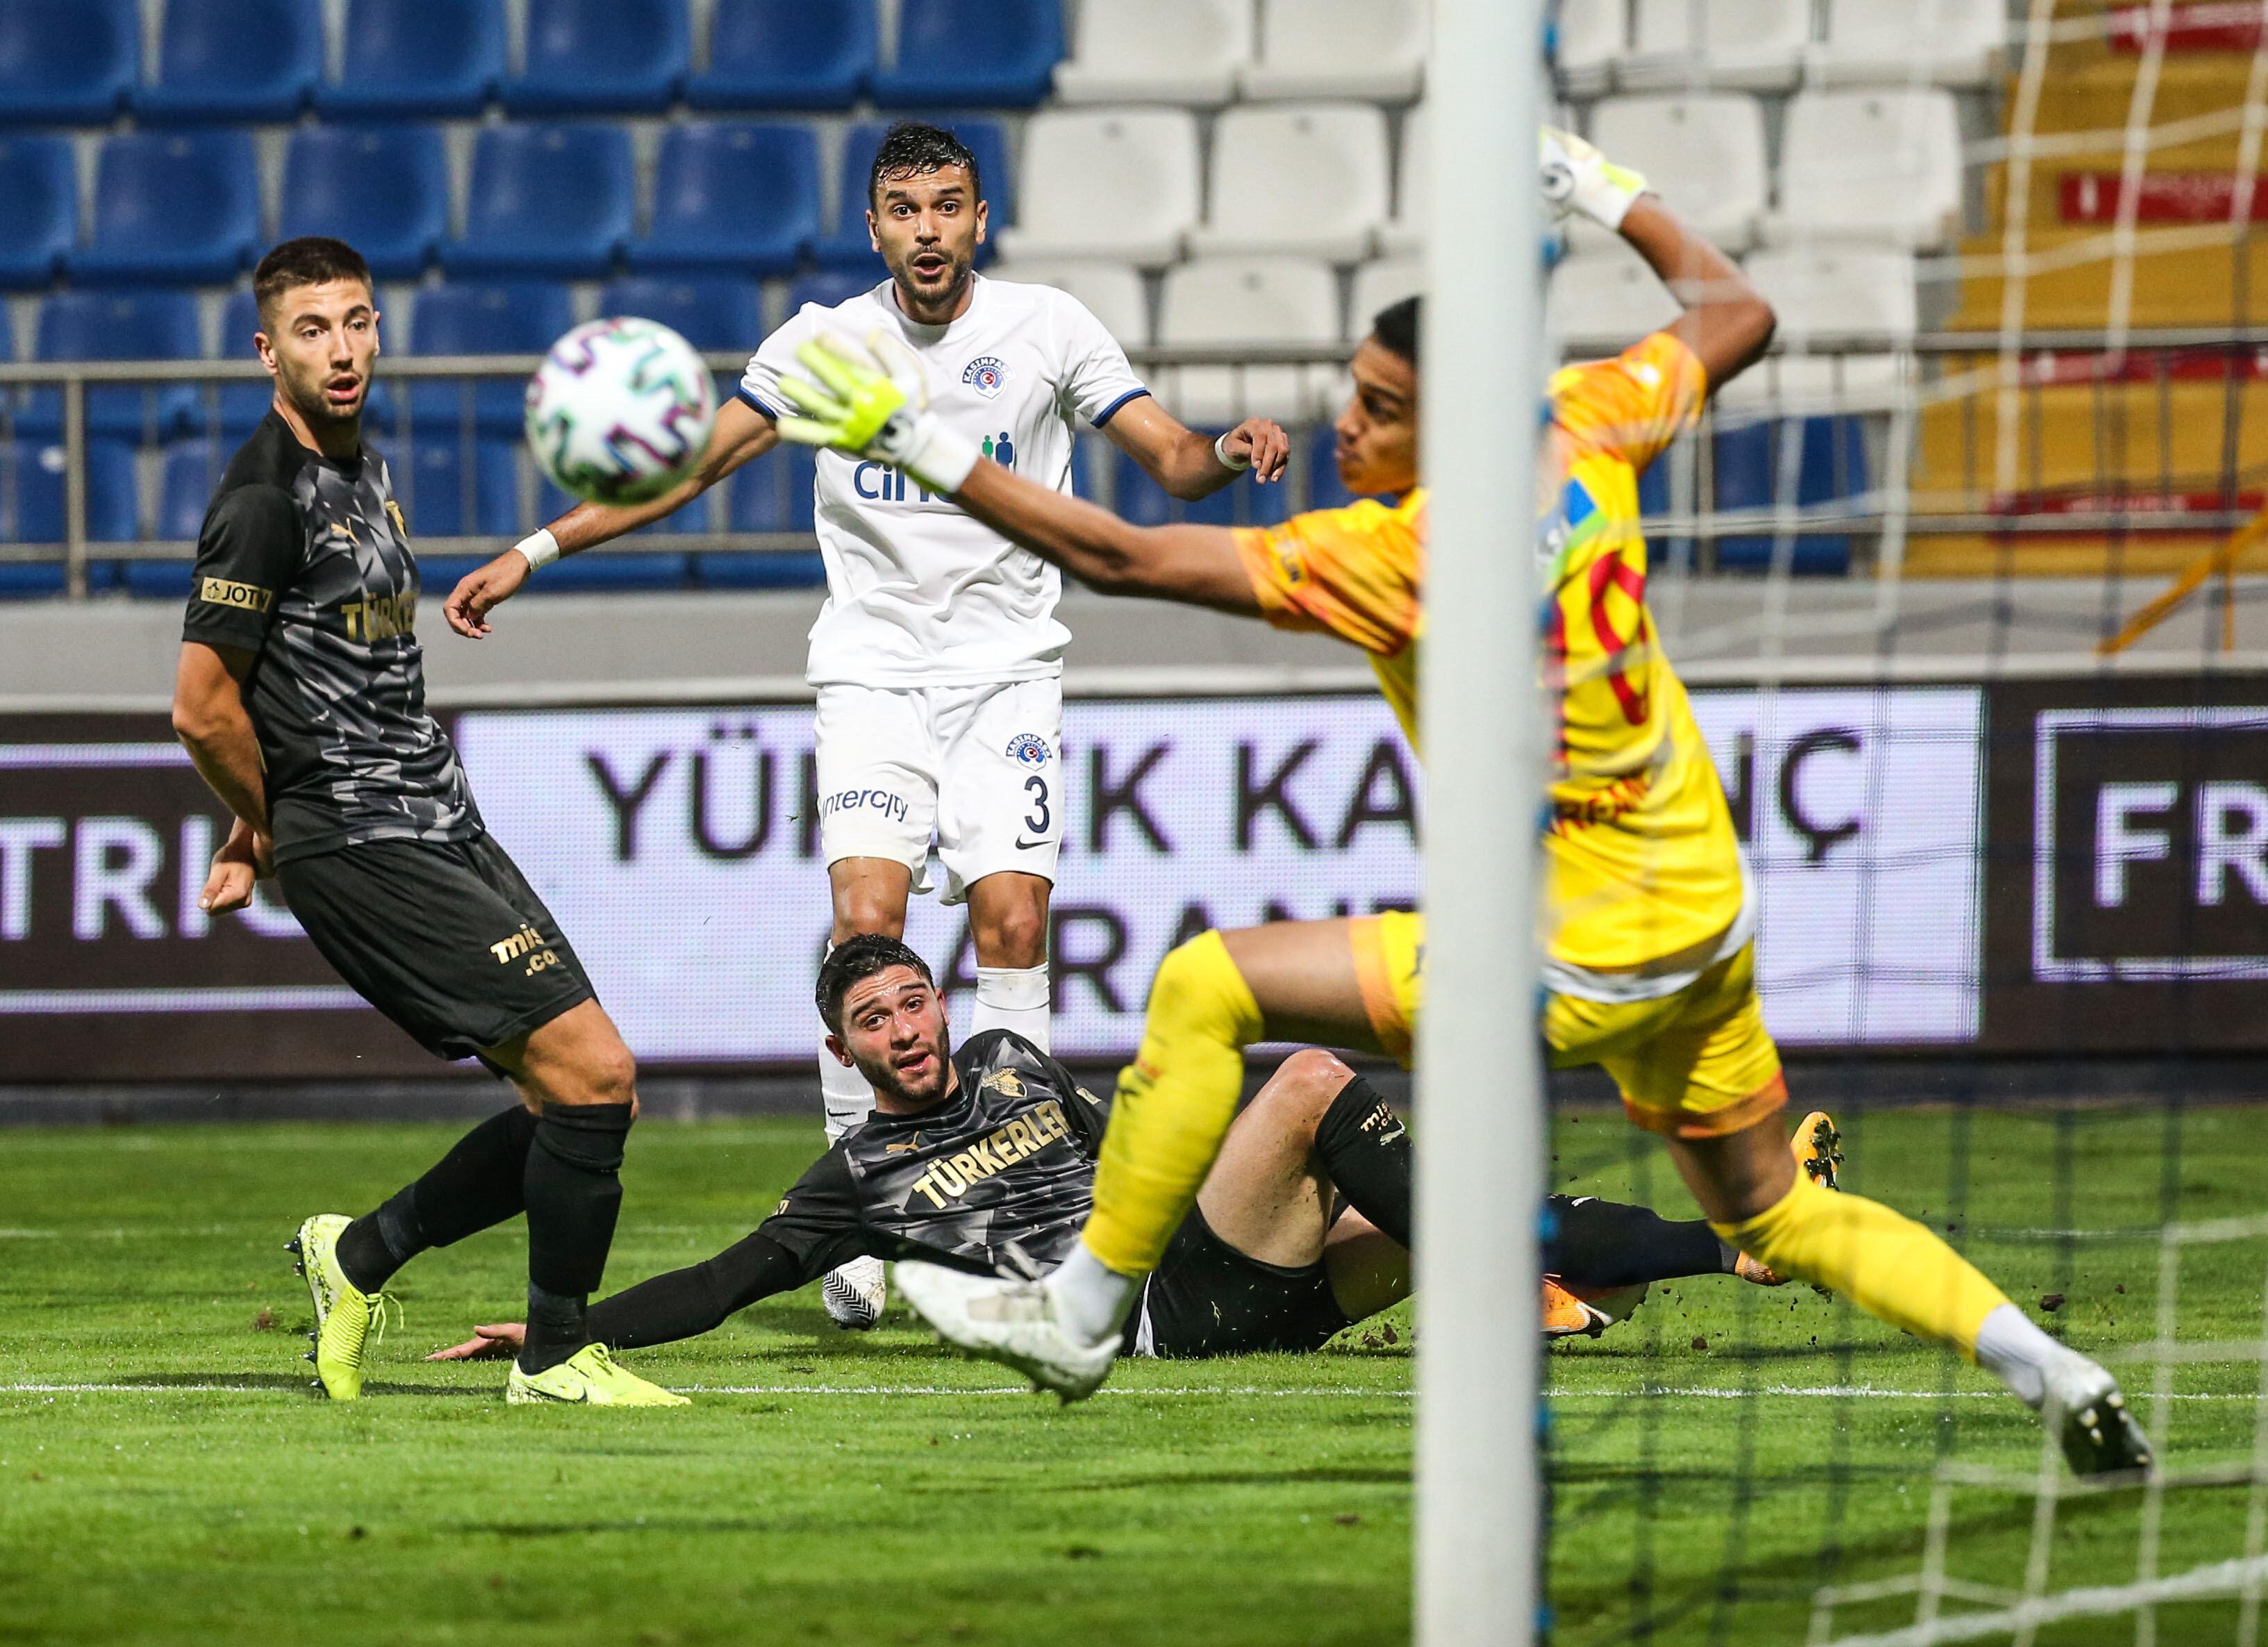 İrfan Can Eğribayat, Kasımpaşa maçında yaptığı kurtarışlarla kalesini gole kapattı.